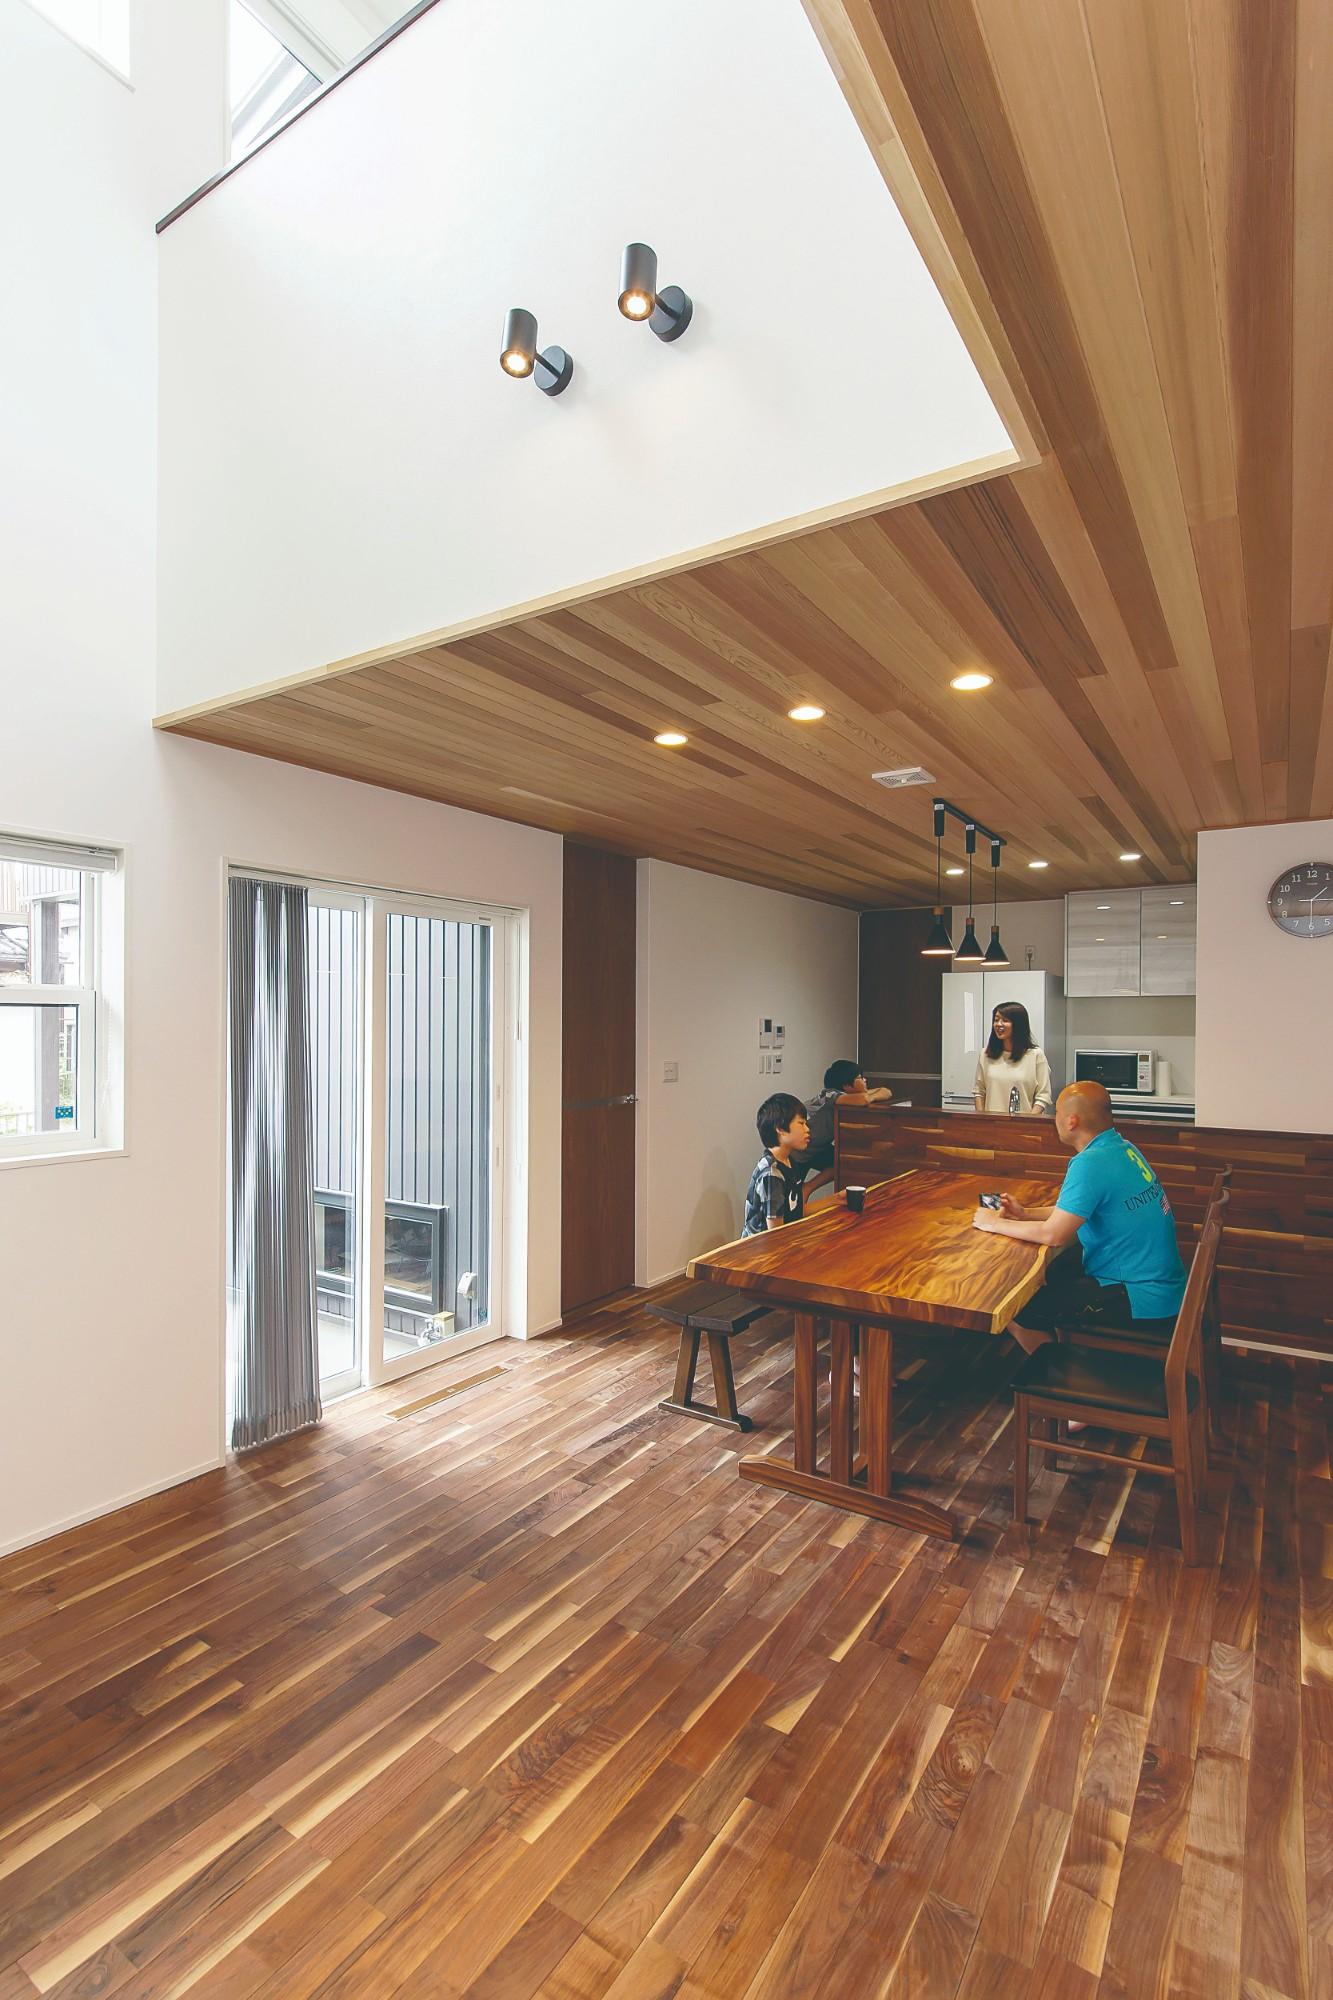 ウォルナットの床とレッドシダーの天井が豊かな表情を醸し出すLDK。